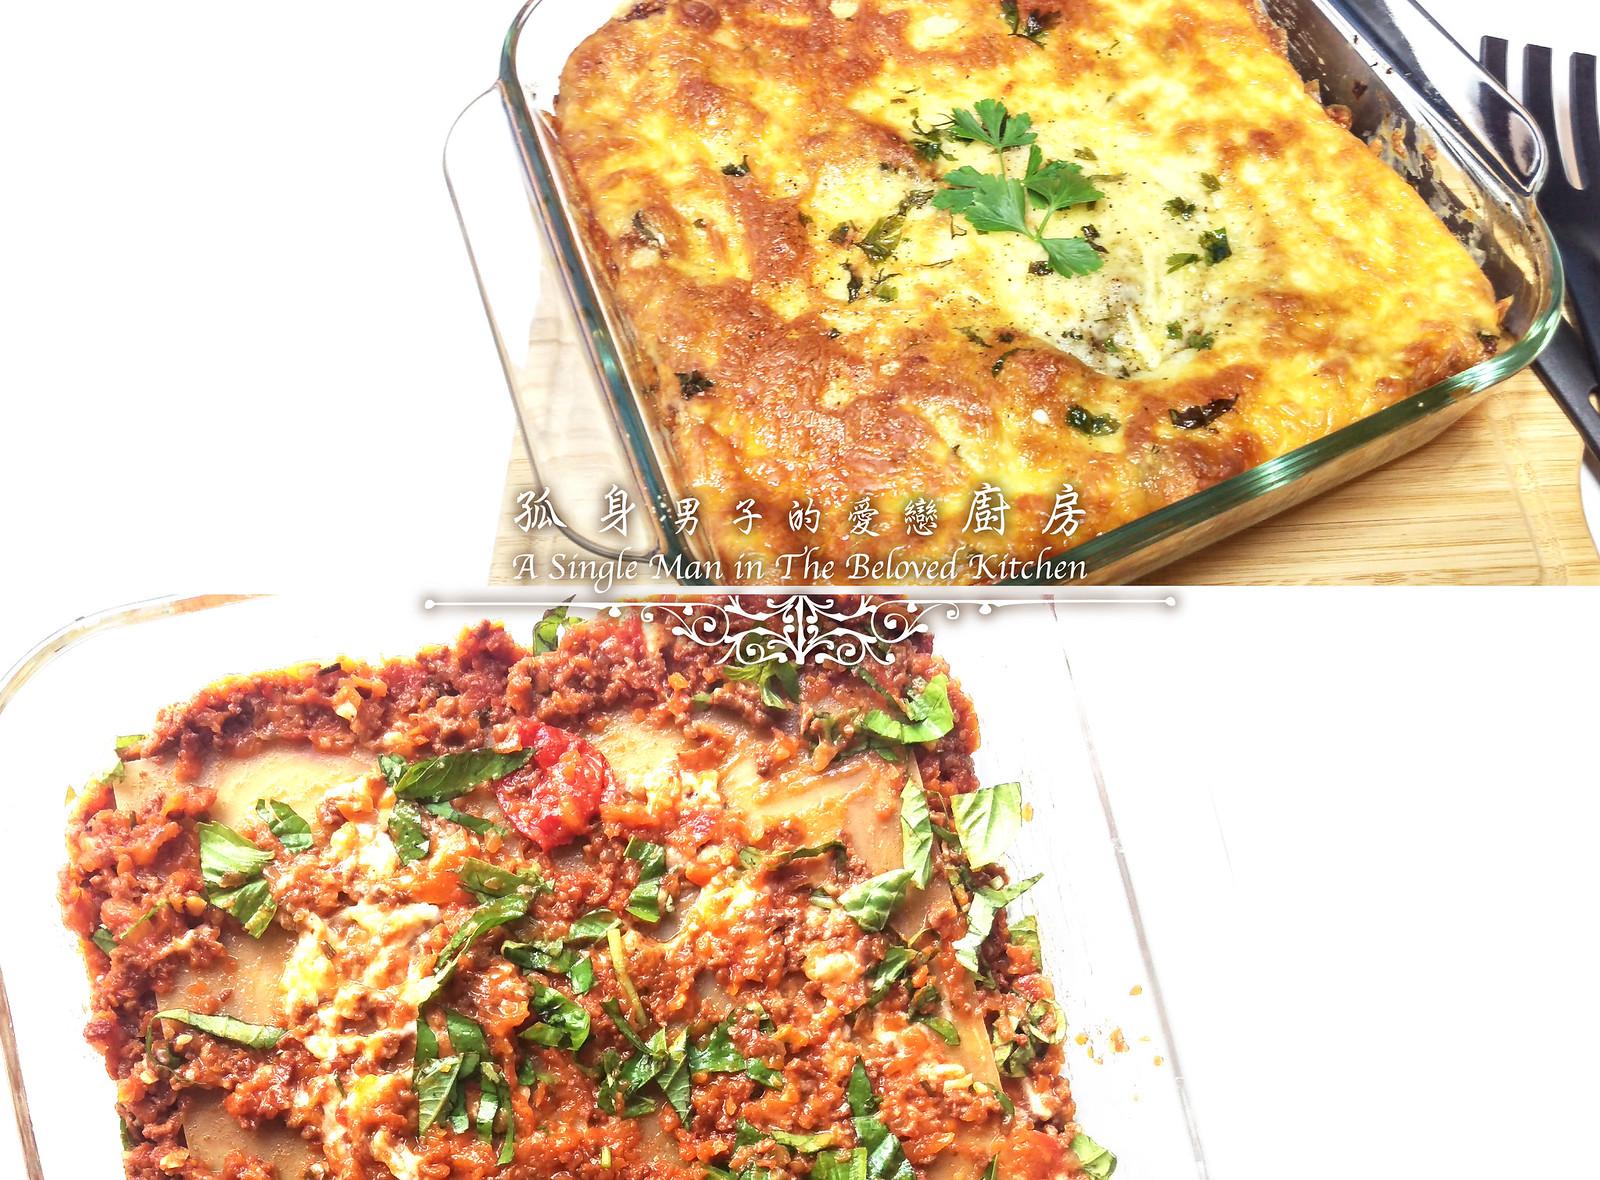 孤身廚房-波隆那肉醬千層麵-簡單方便、用烤箱就可以搞定!-23